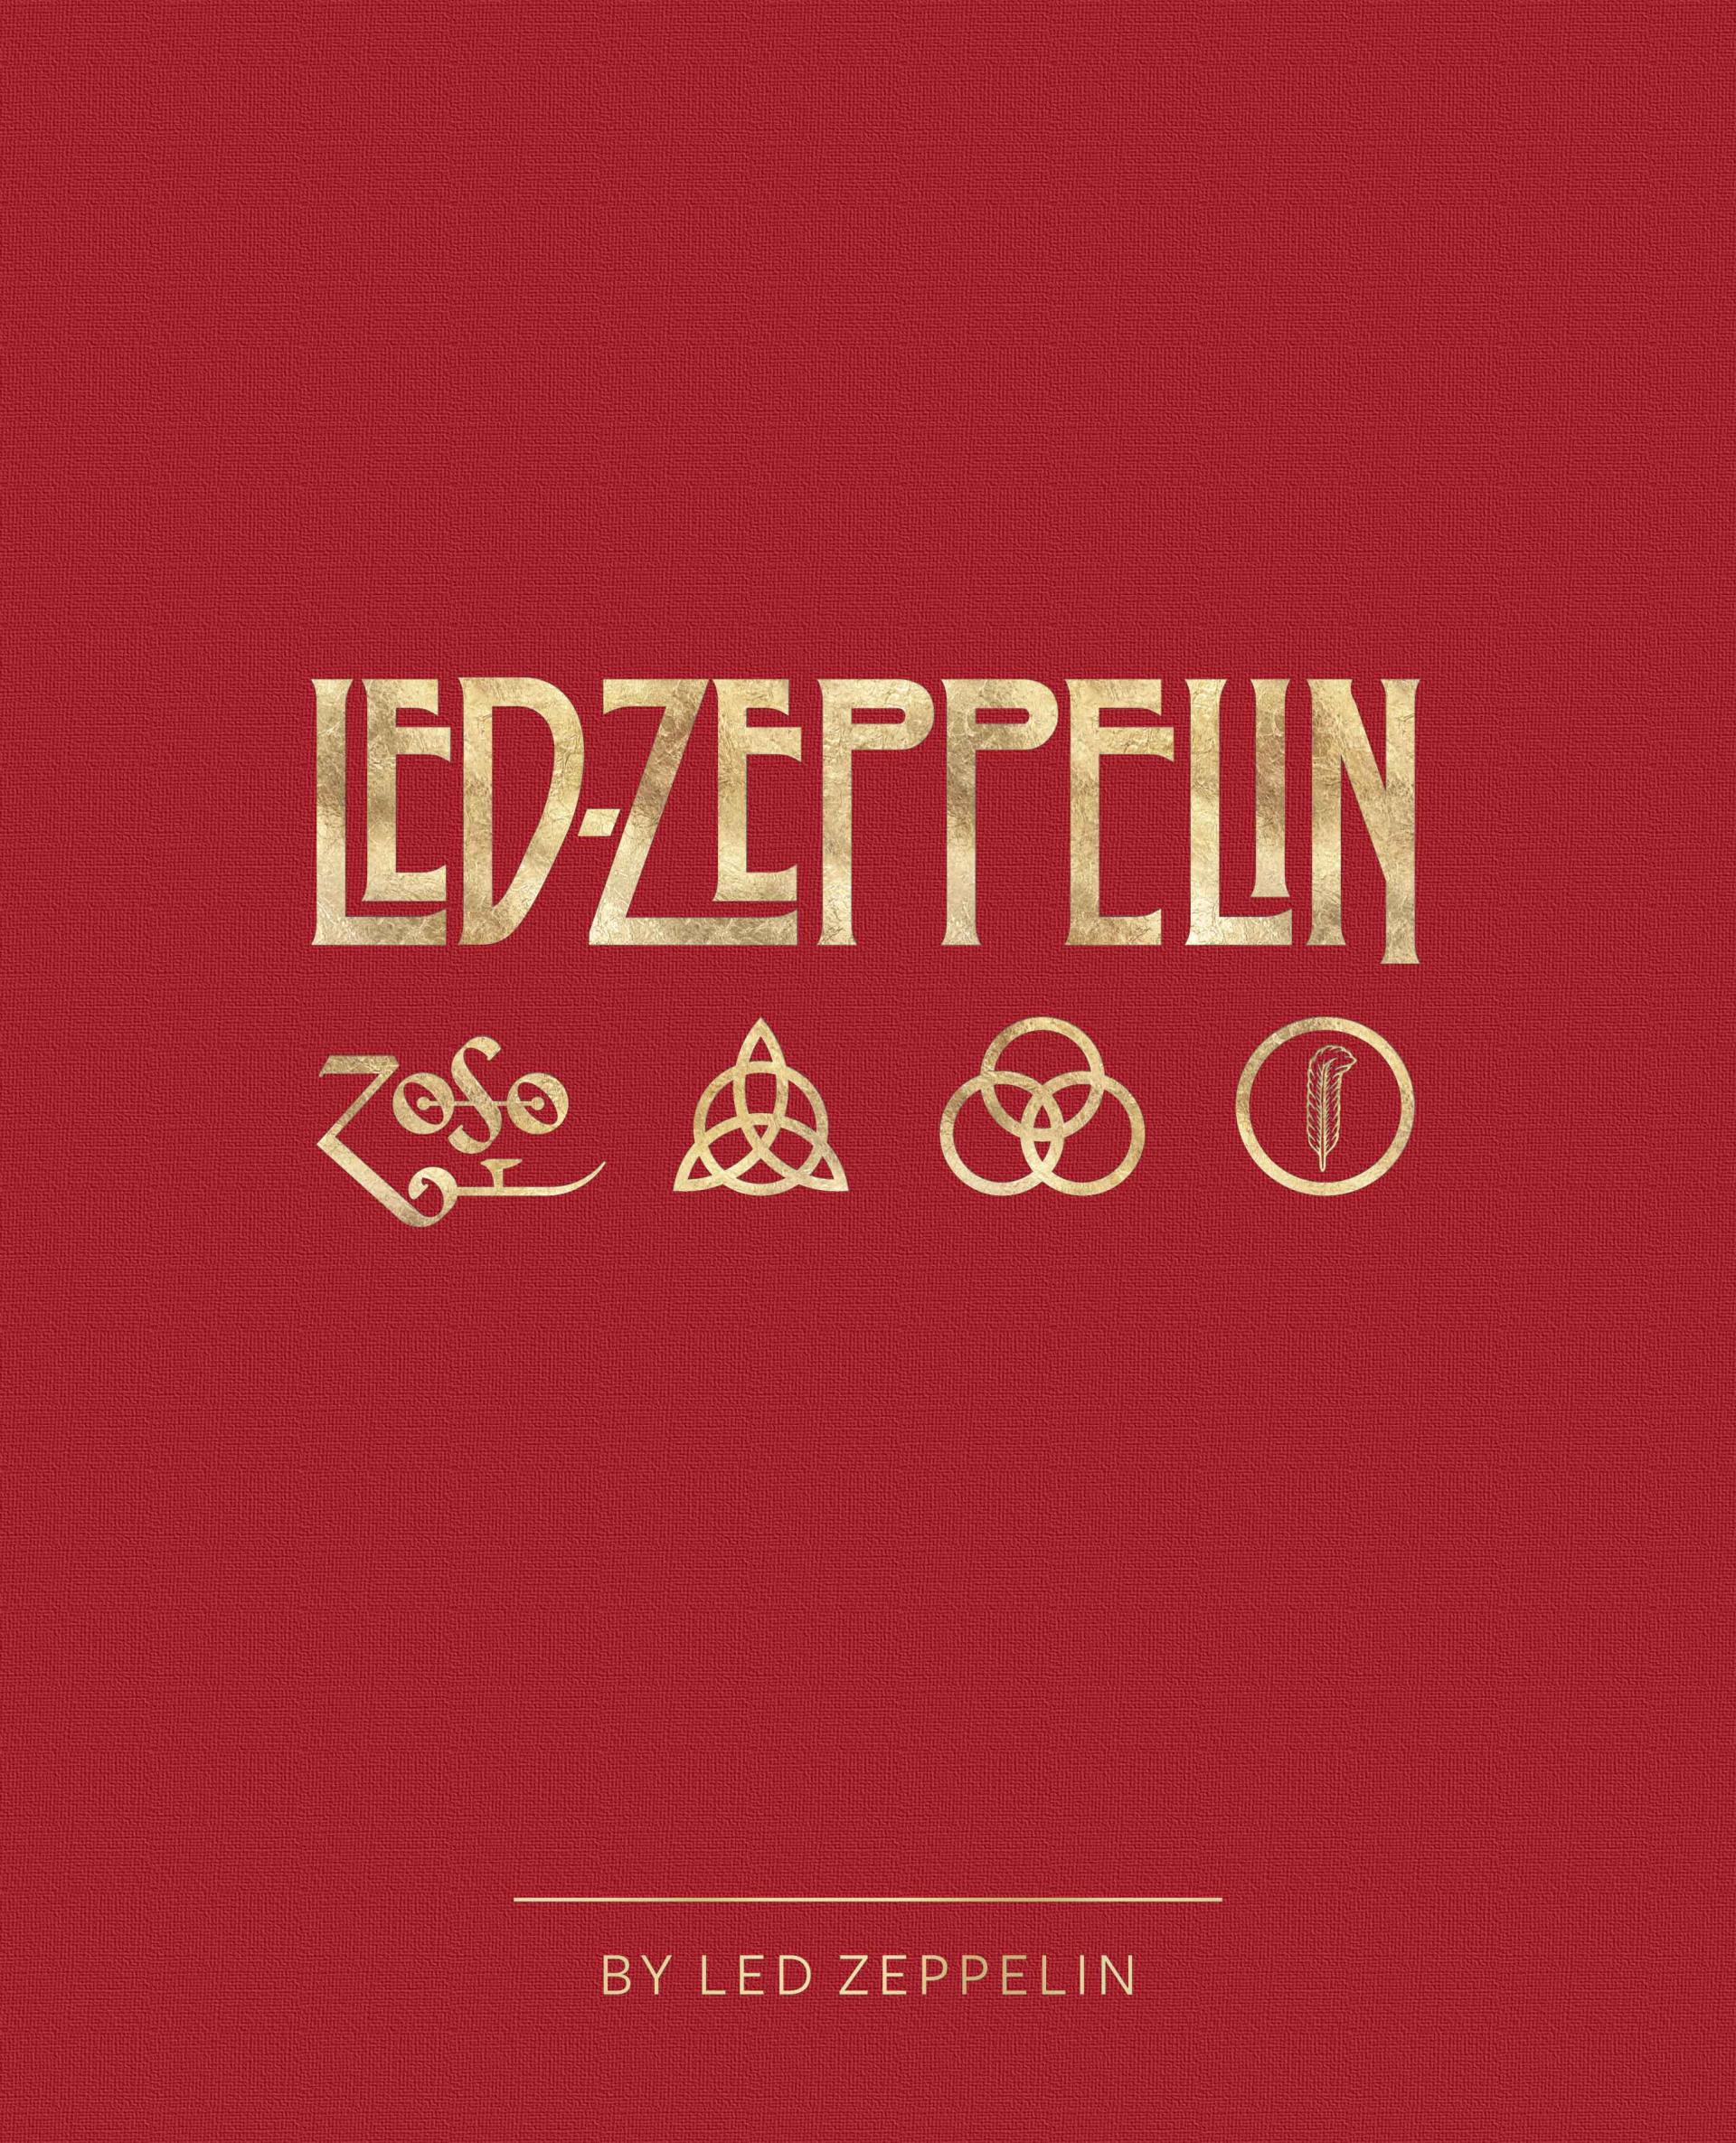 レッド・ツェッペリン、50年の歴史を貴重写真とメンバーの解説で綴ったオフィシャル・ブック『LED ZEPPELIN by LED ZEPPELIN』。日本語版、4000部限定で発売決定!